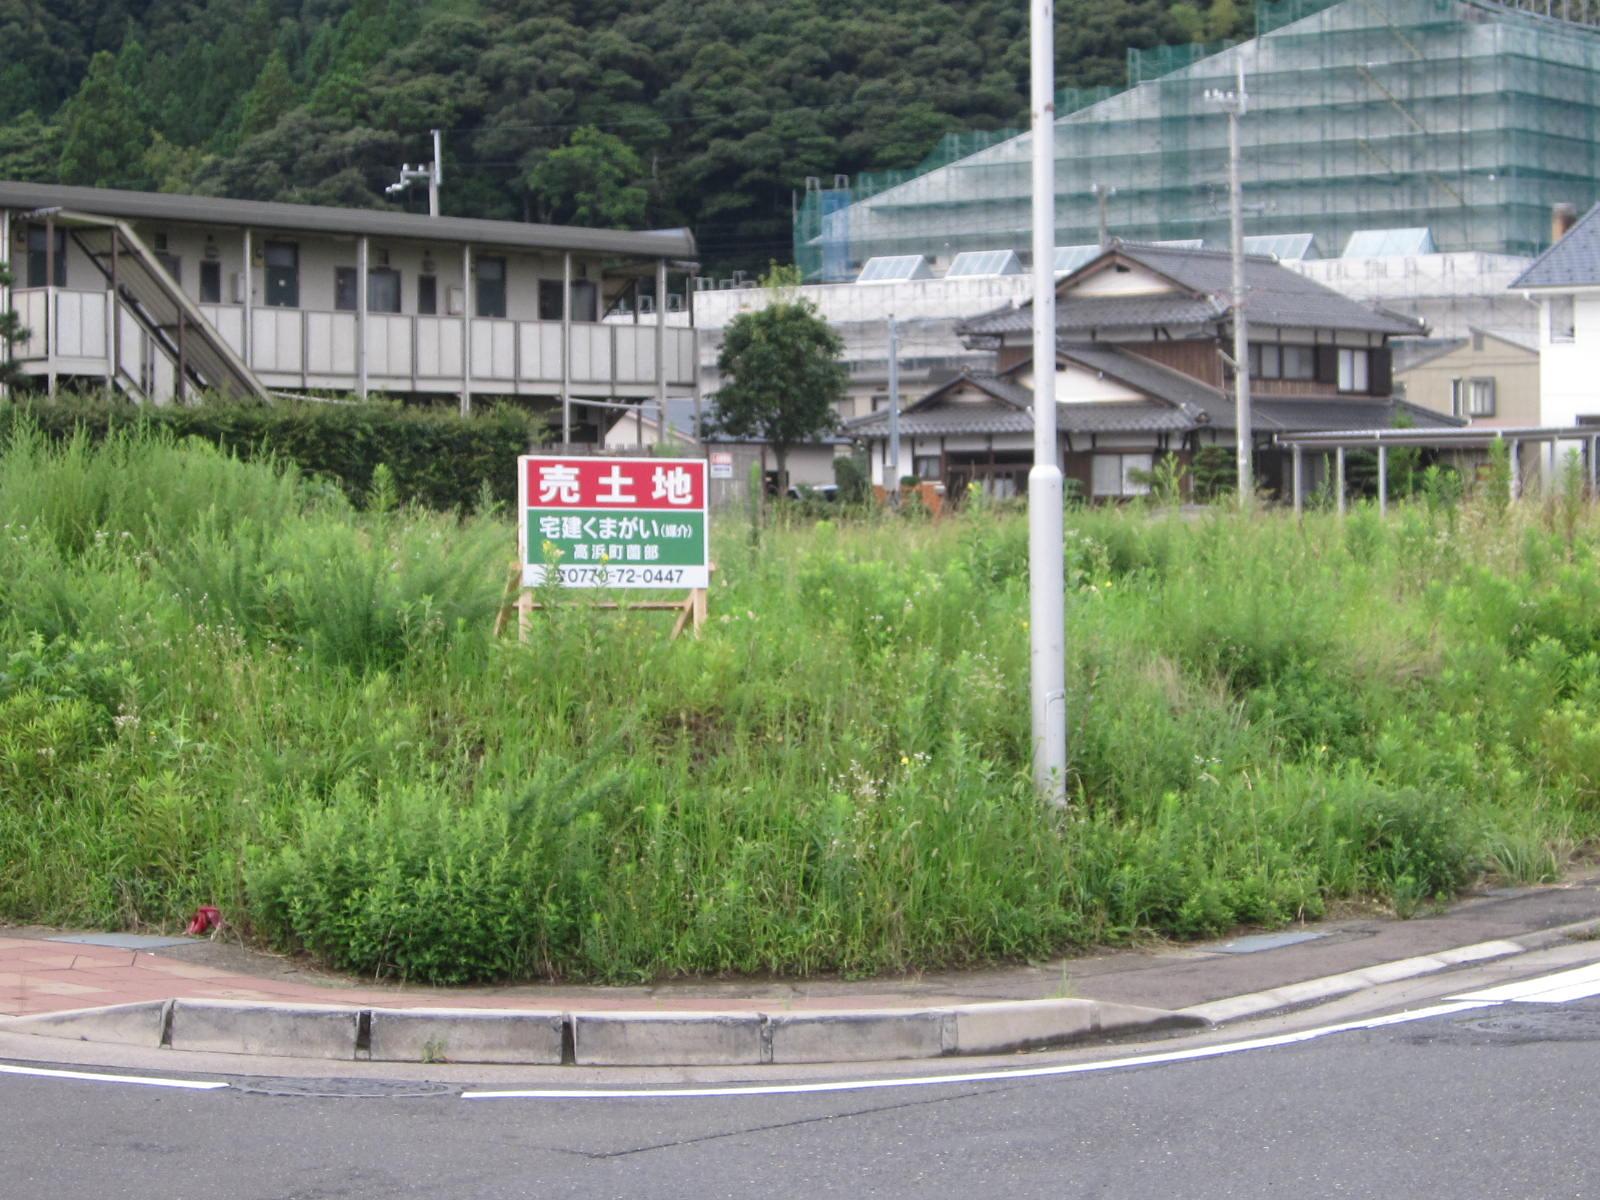 湯谷 売地|土地|大飯郡高浜町湯谷1-8 JR小浜線若狭高浜駅 ...